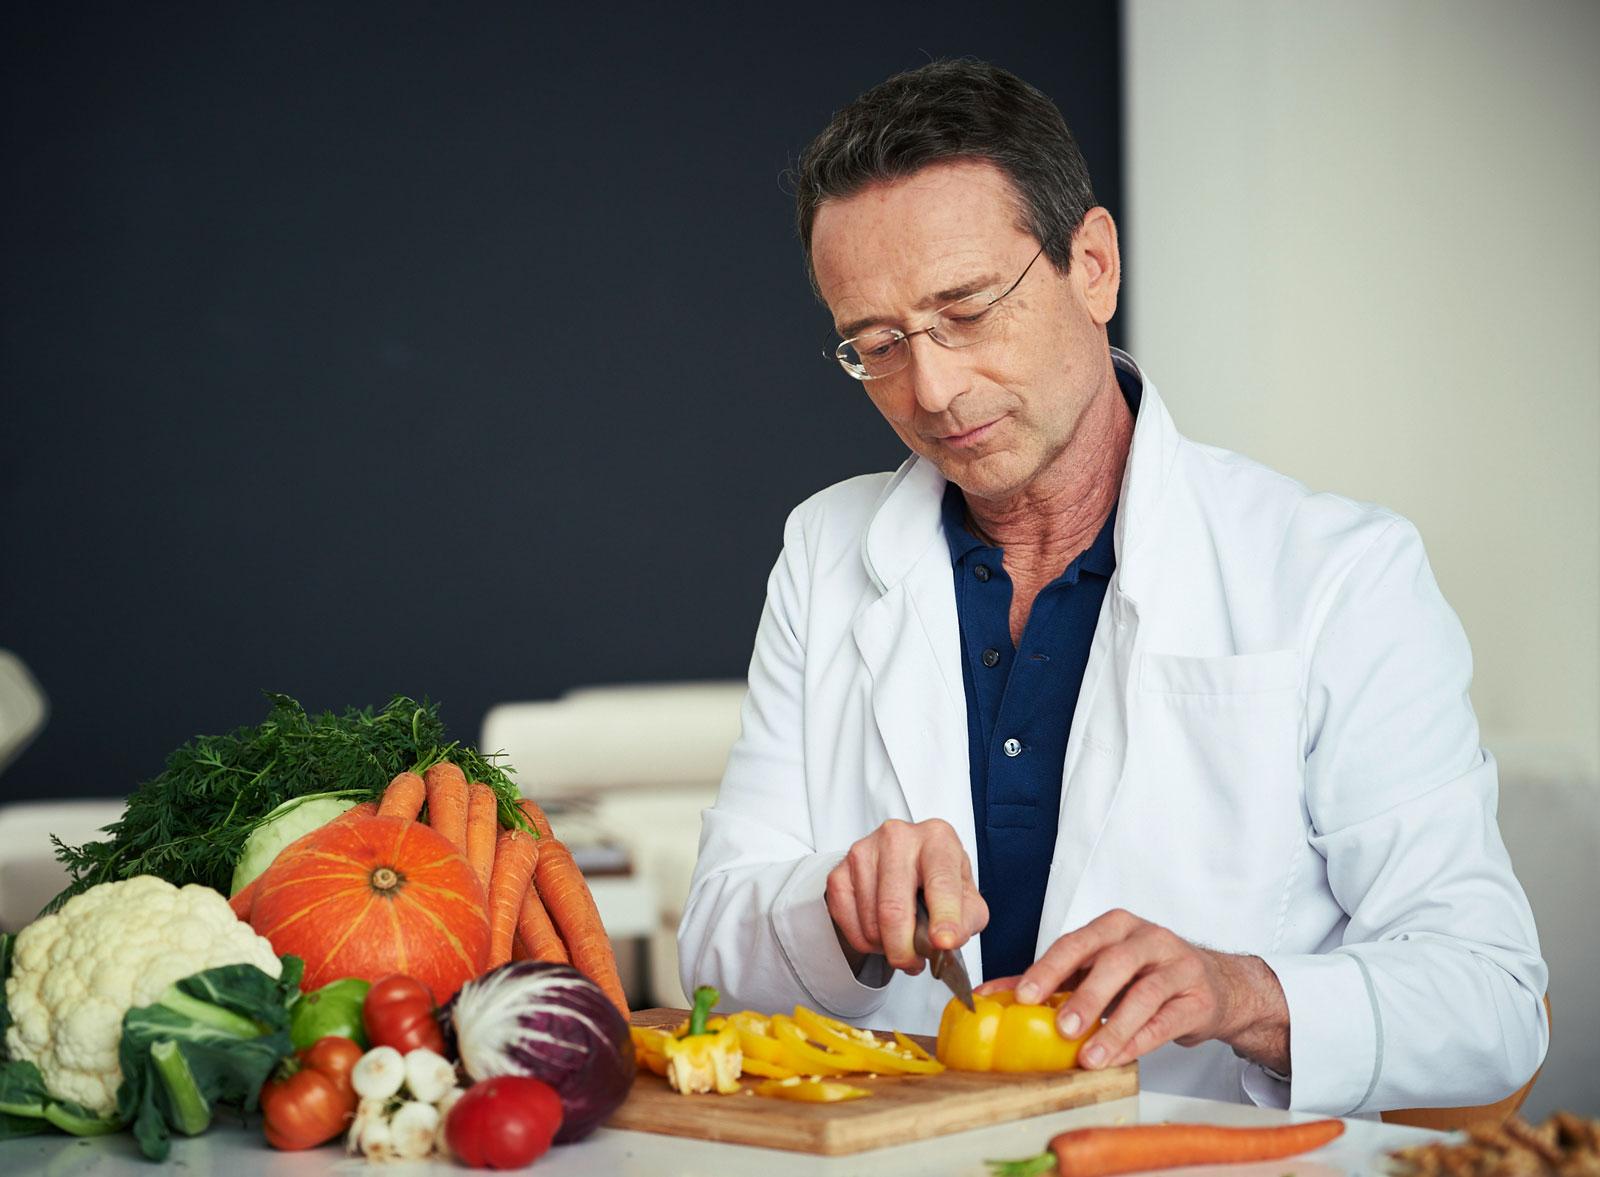 Gemüse sollte der Hauptanteil unserer Ernährung sein.